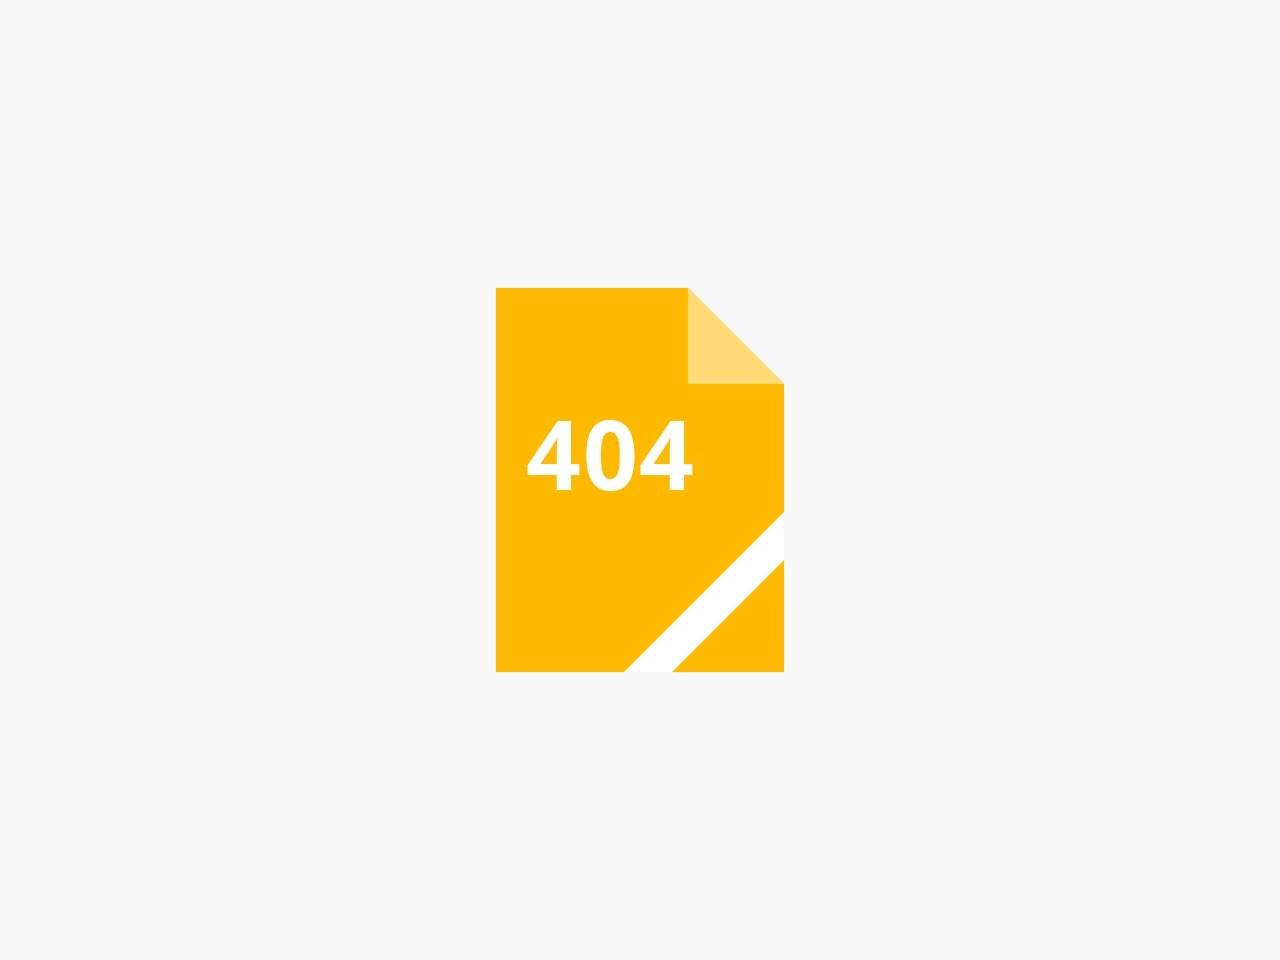 百秀社区 - ZBLOG站友们都喜欢的中文社区网站